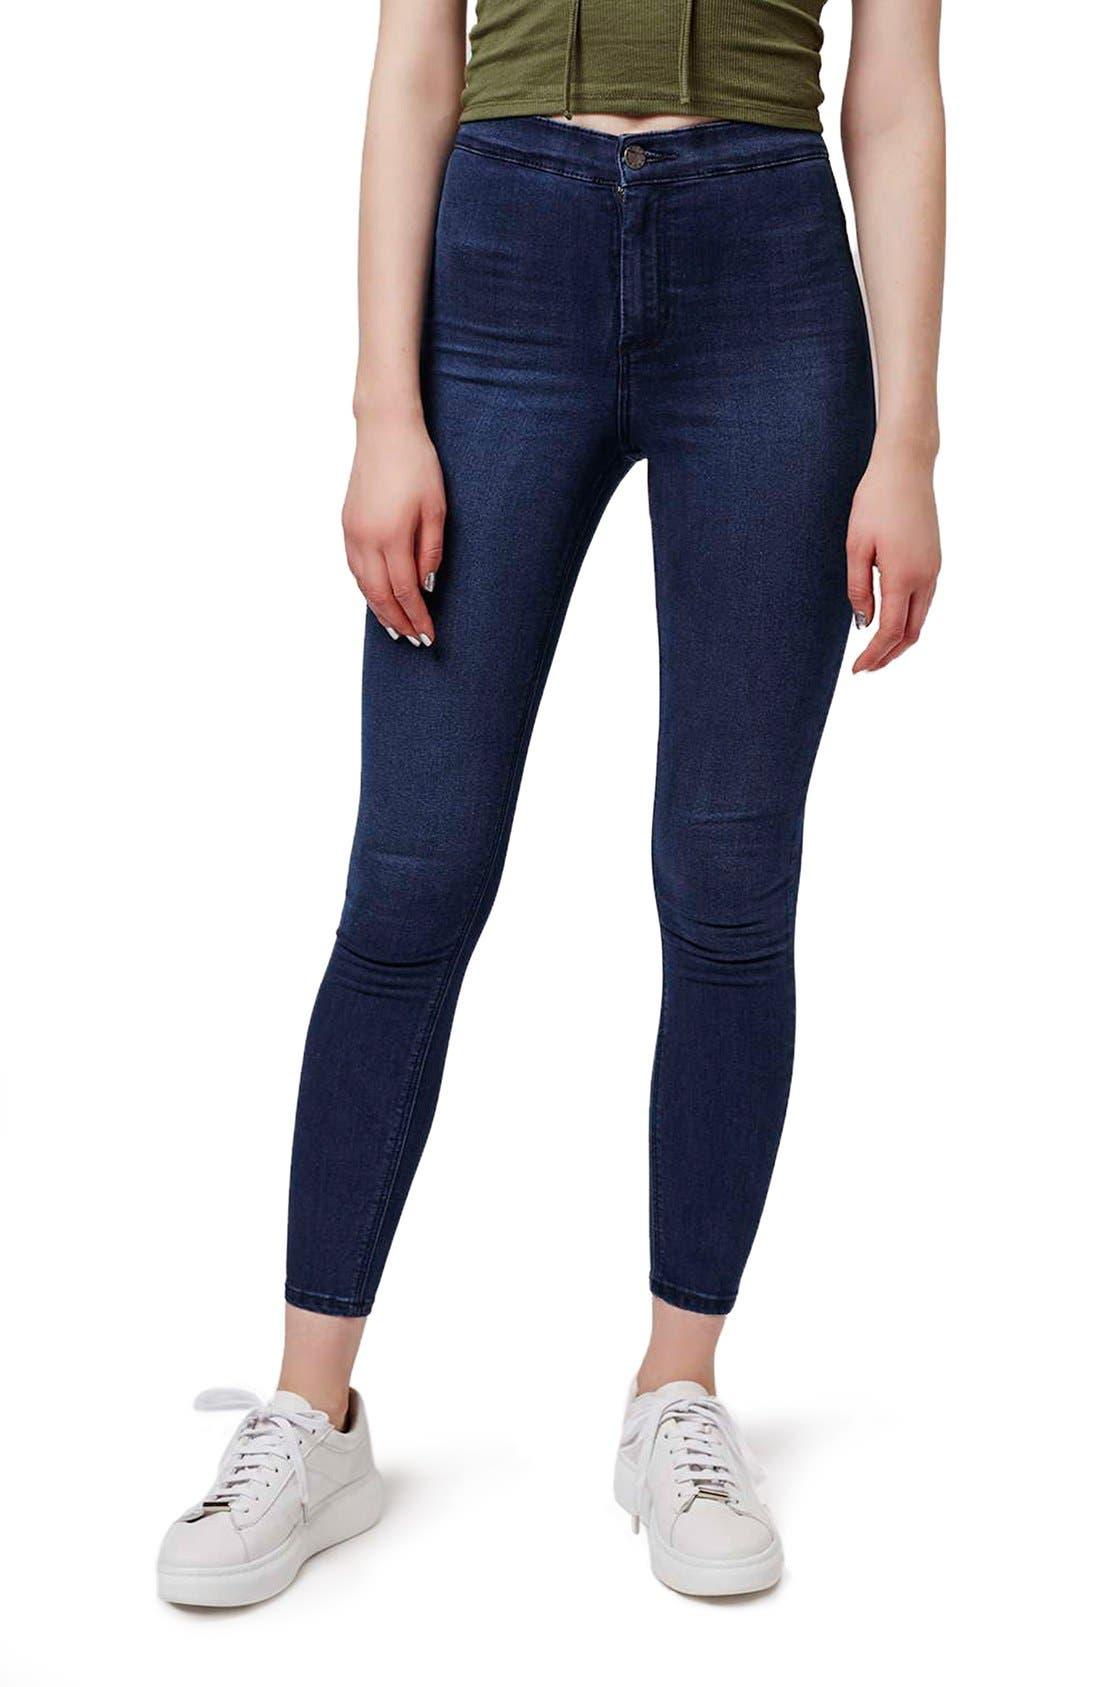 Main Image - Topshop 'Joni' Crop Super Skinny Jeans (Petite)